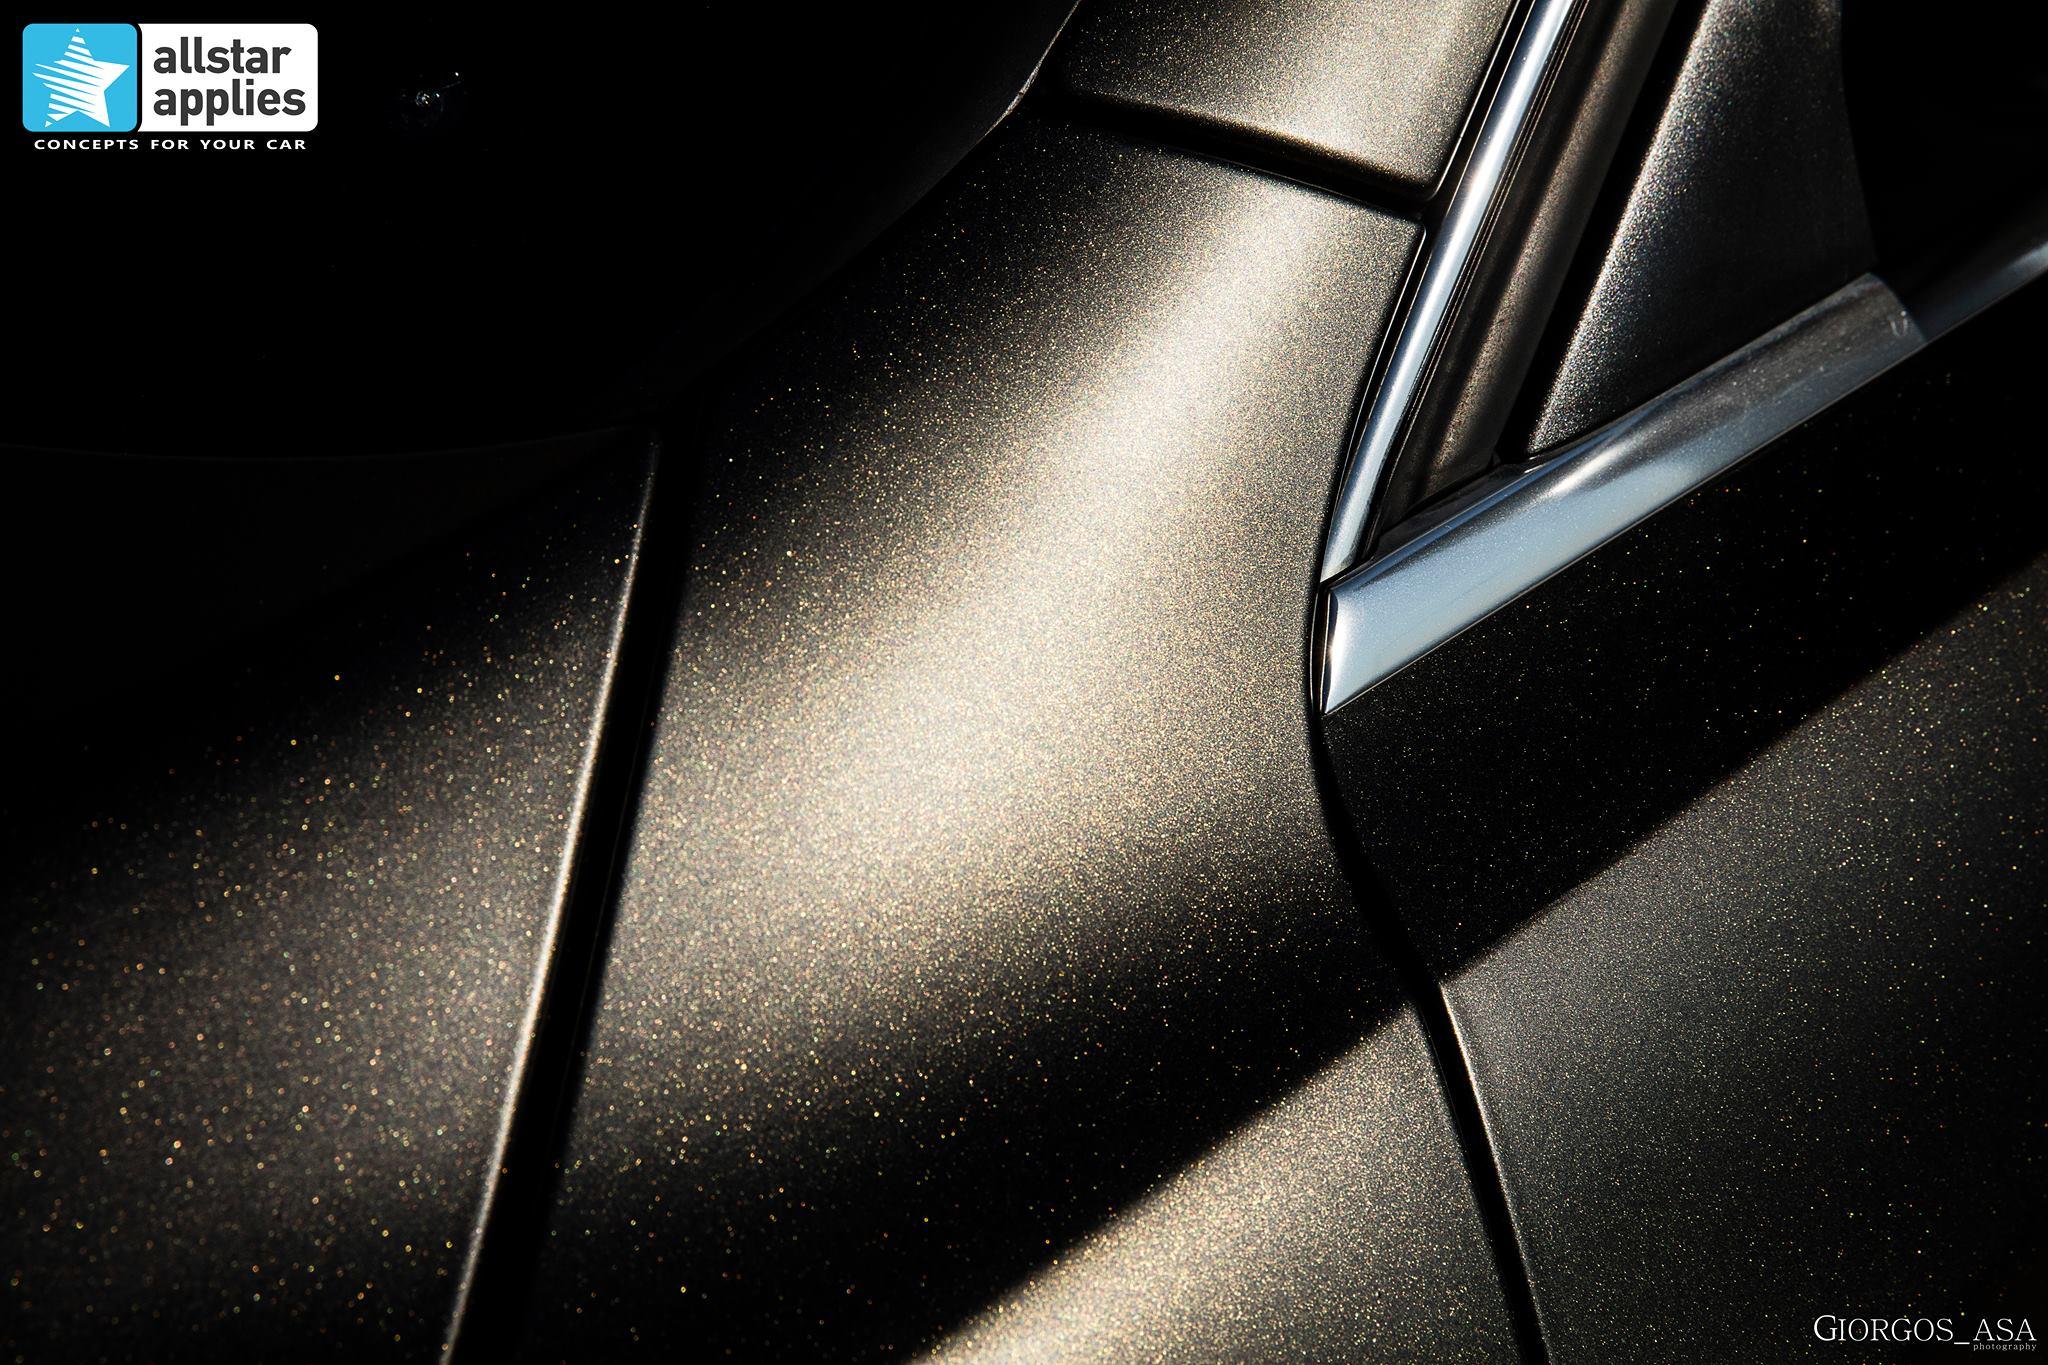 Audi SQ5 - Satin Gold Dust Black (11)